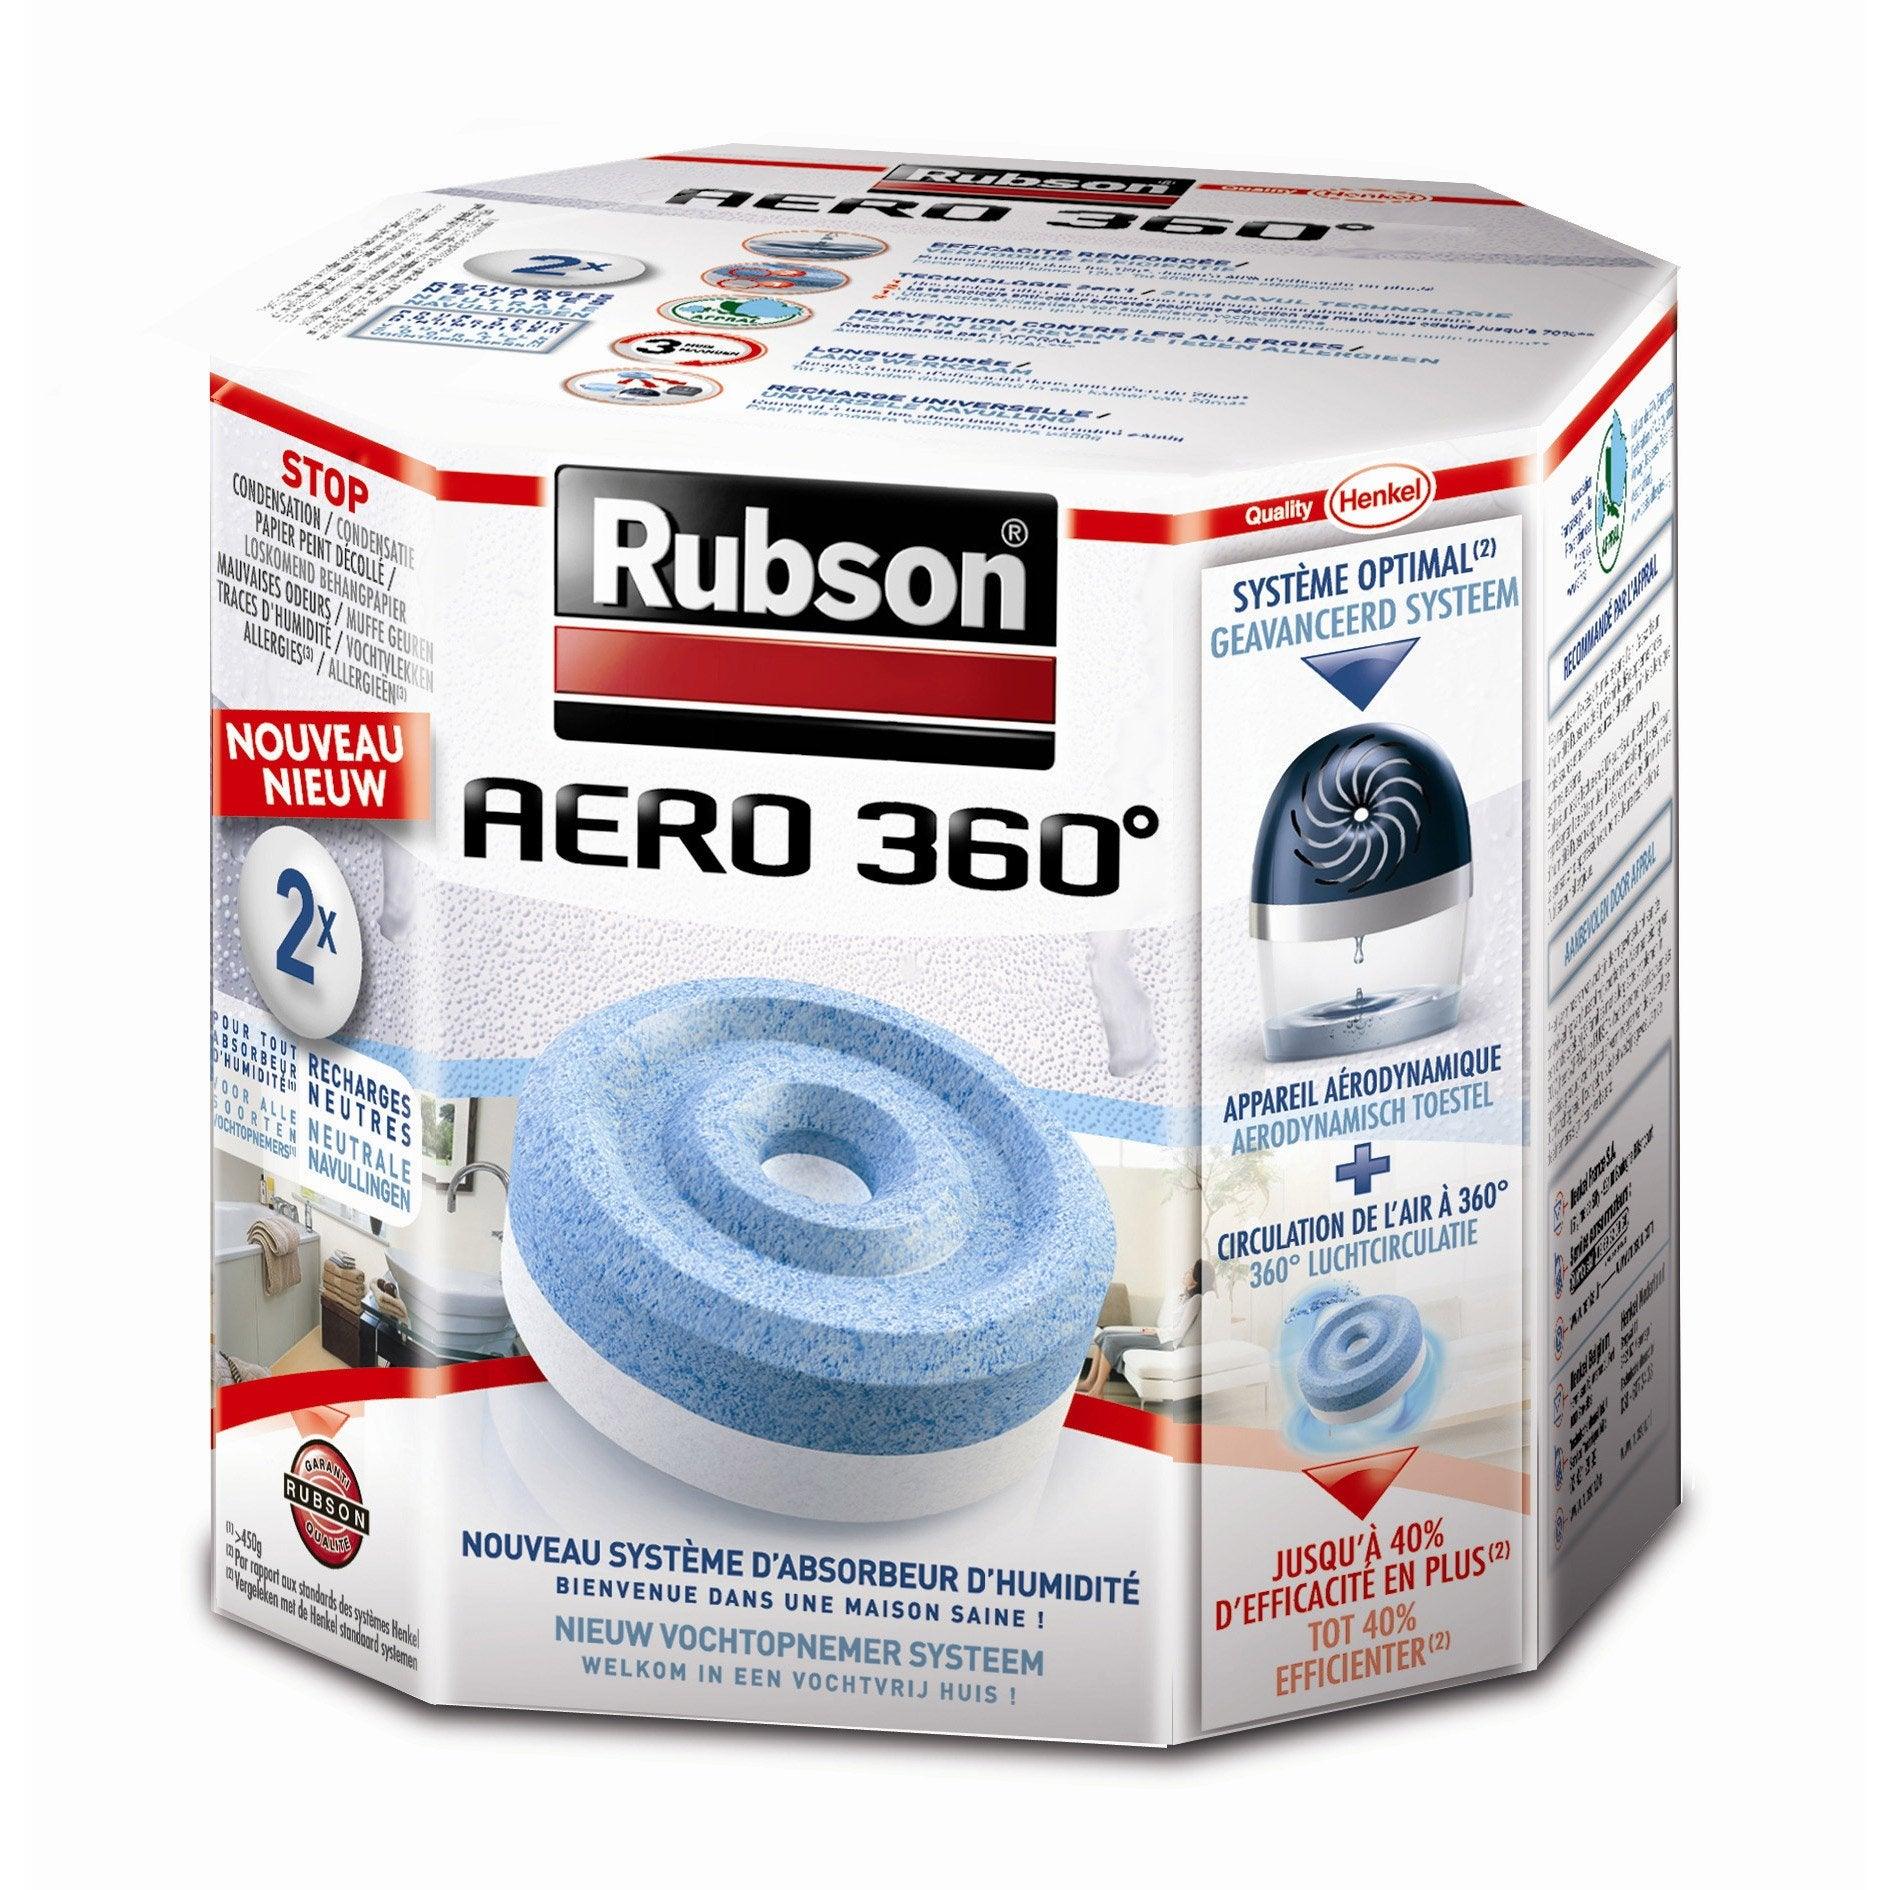 Absorbeur D Humidité Avis rubson aéro 360° lot de 2 recharges tablette pour absorbeur d'humidité 20 m²